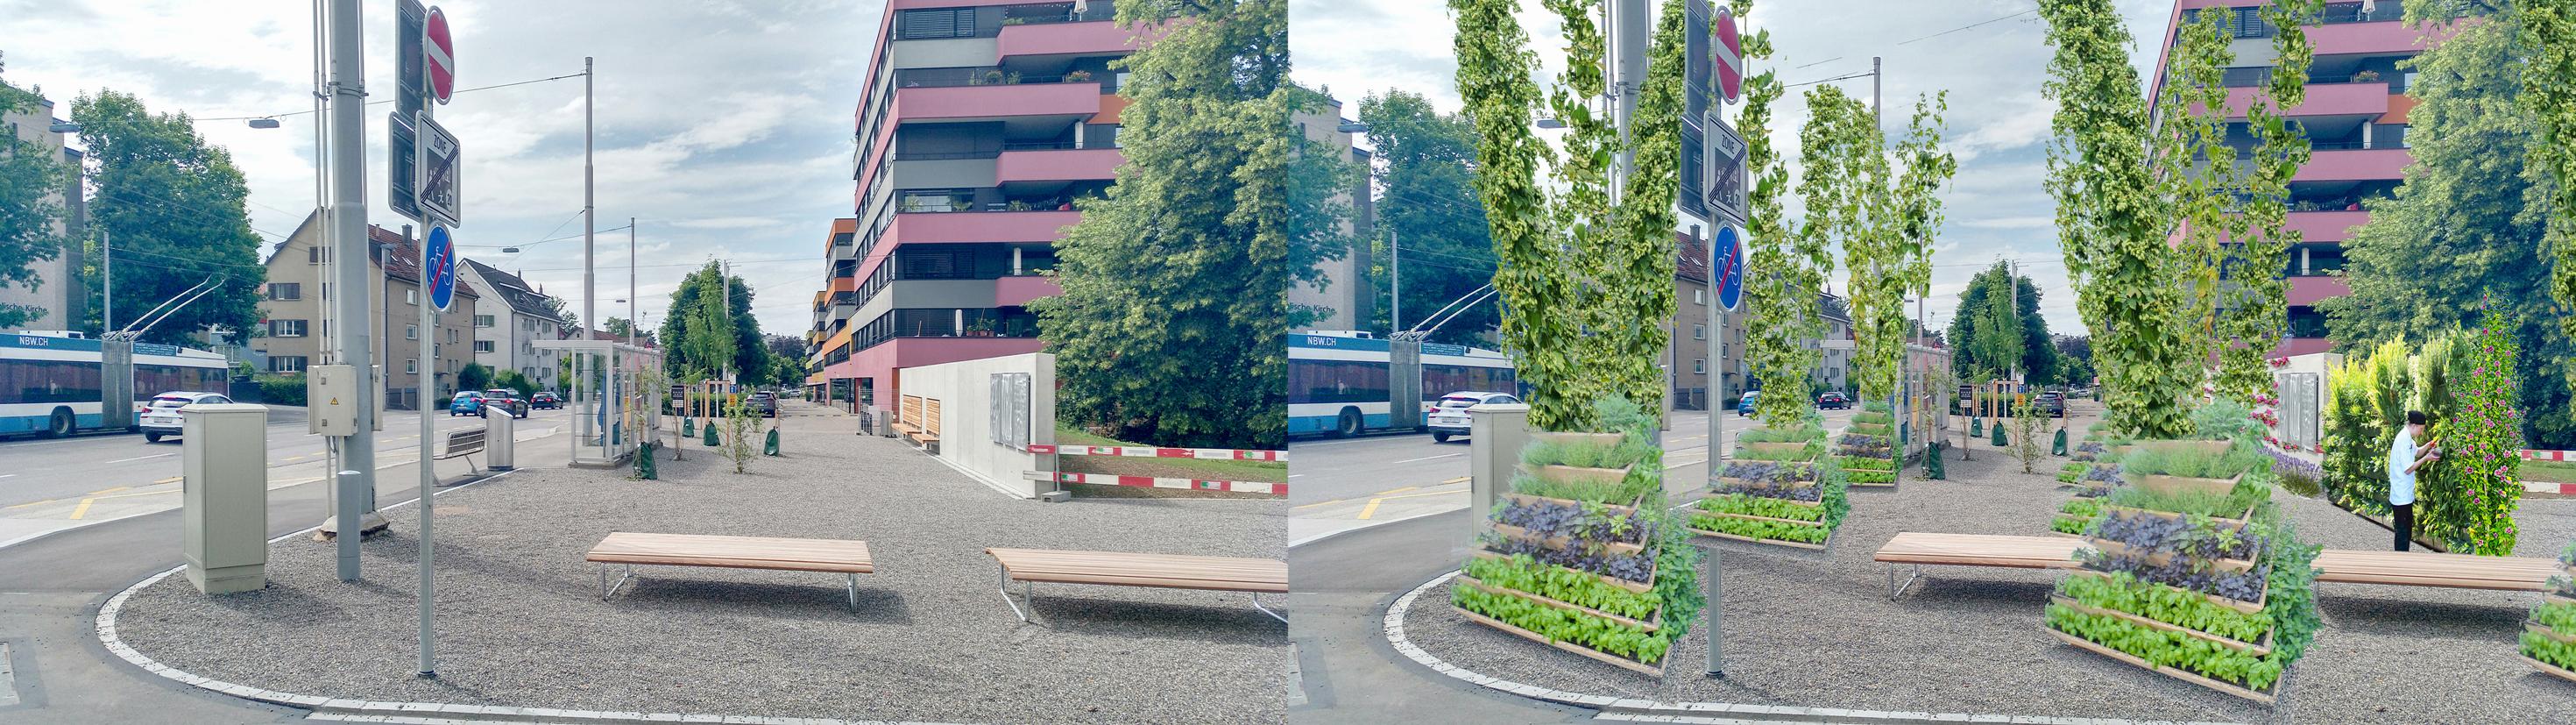 ÖV-Gärten – ÖV-Haltestellen, mit Schatten im Sommer und Sonne im Winter, mit weniger Lärm weniger Feinstaub, dafür mehr Blüten- und Kräuterduft!